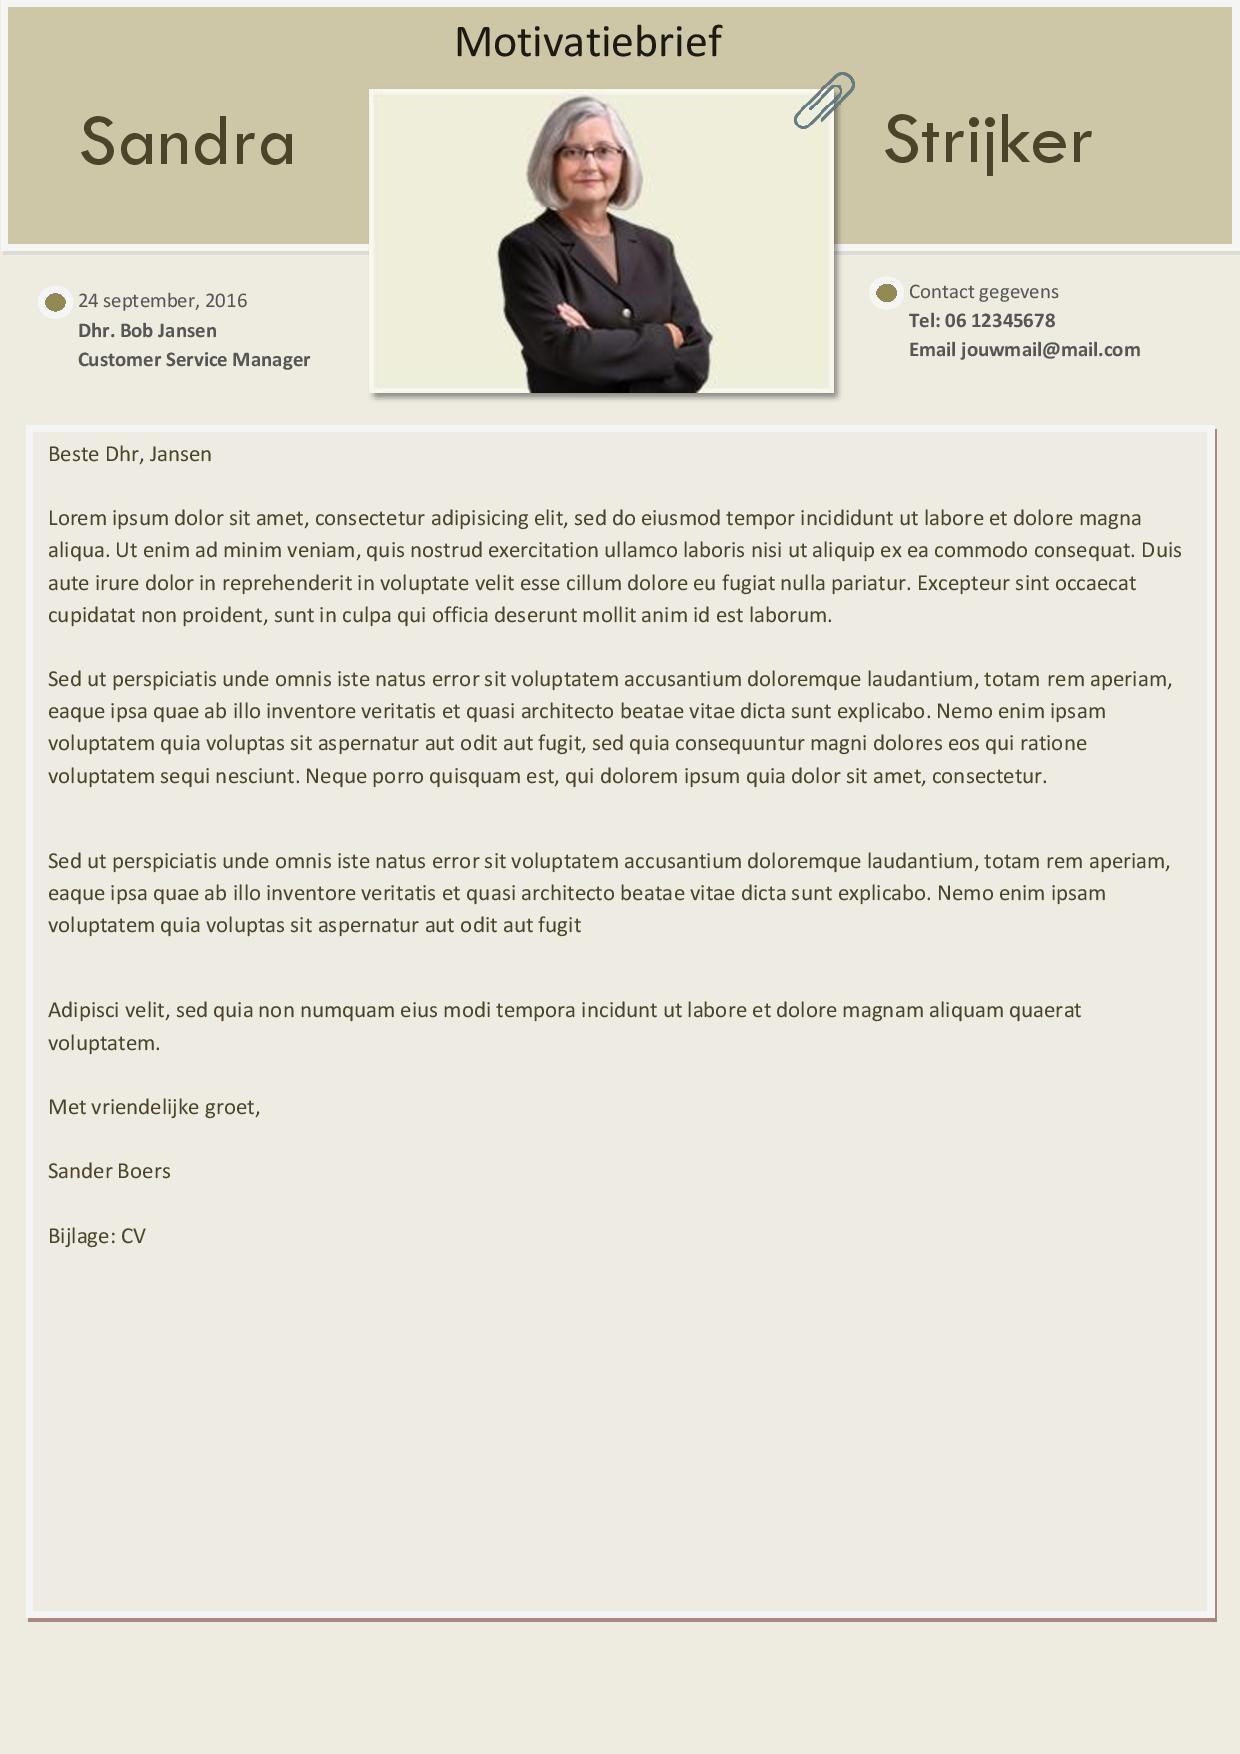 moderne motivatiebrief Een CV en motivatiebrief voor jong en oud   Moderne Cv's en  moderne motivatiebrief